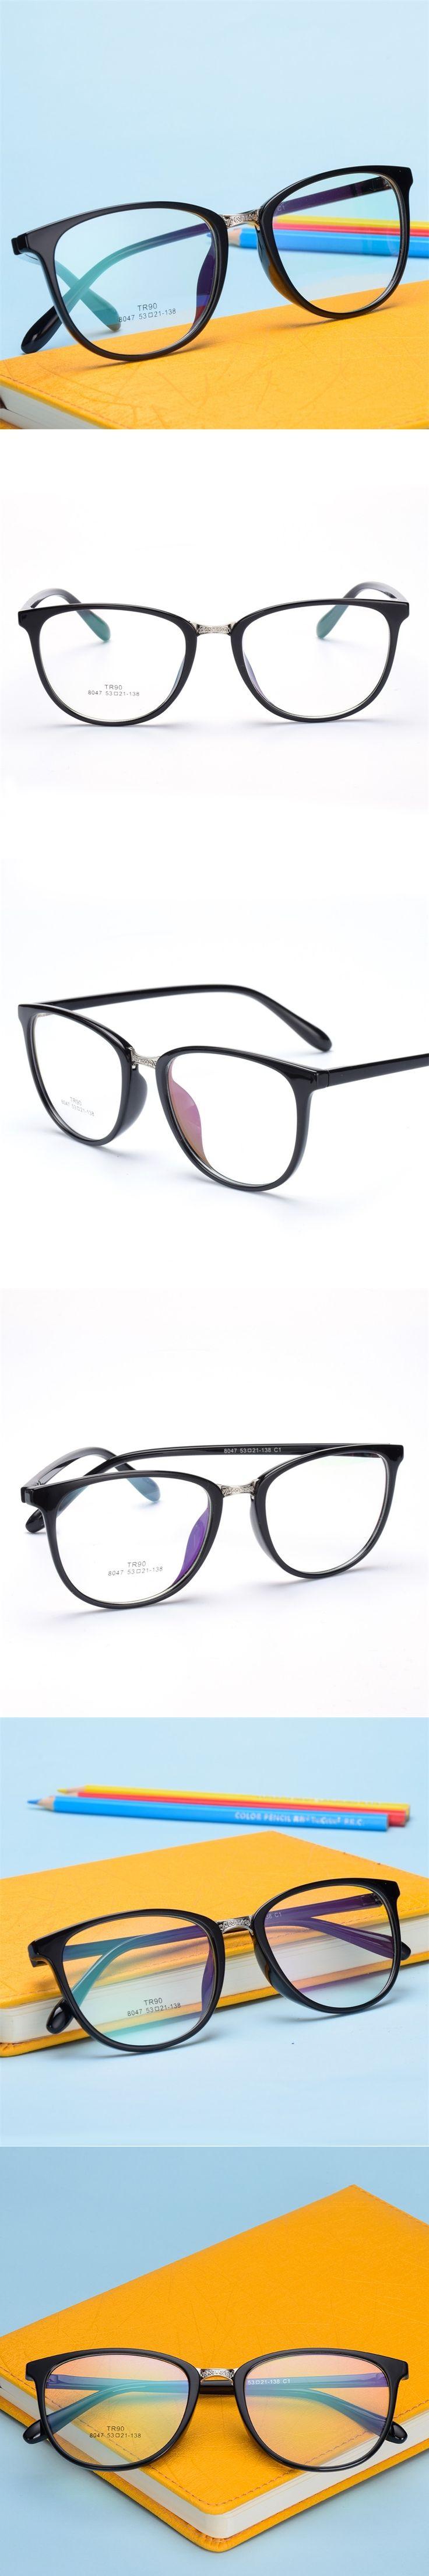 The New TR90 women Glasses frame retro optical clear Full box Eyeglasses frame Men prescription glasses frames 8047